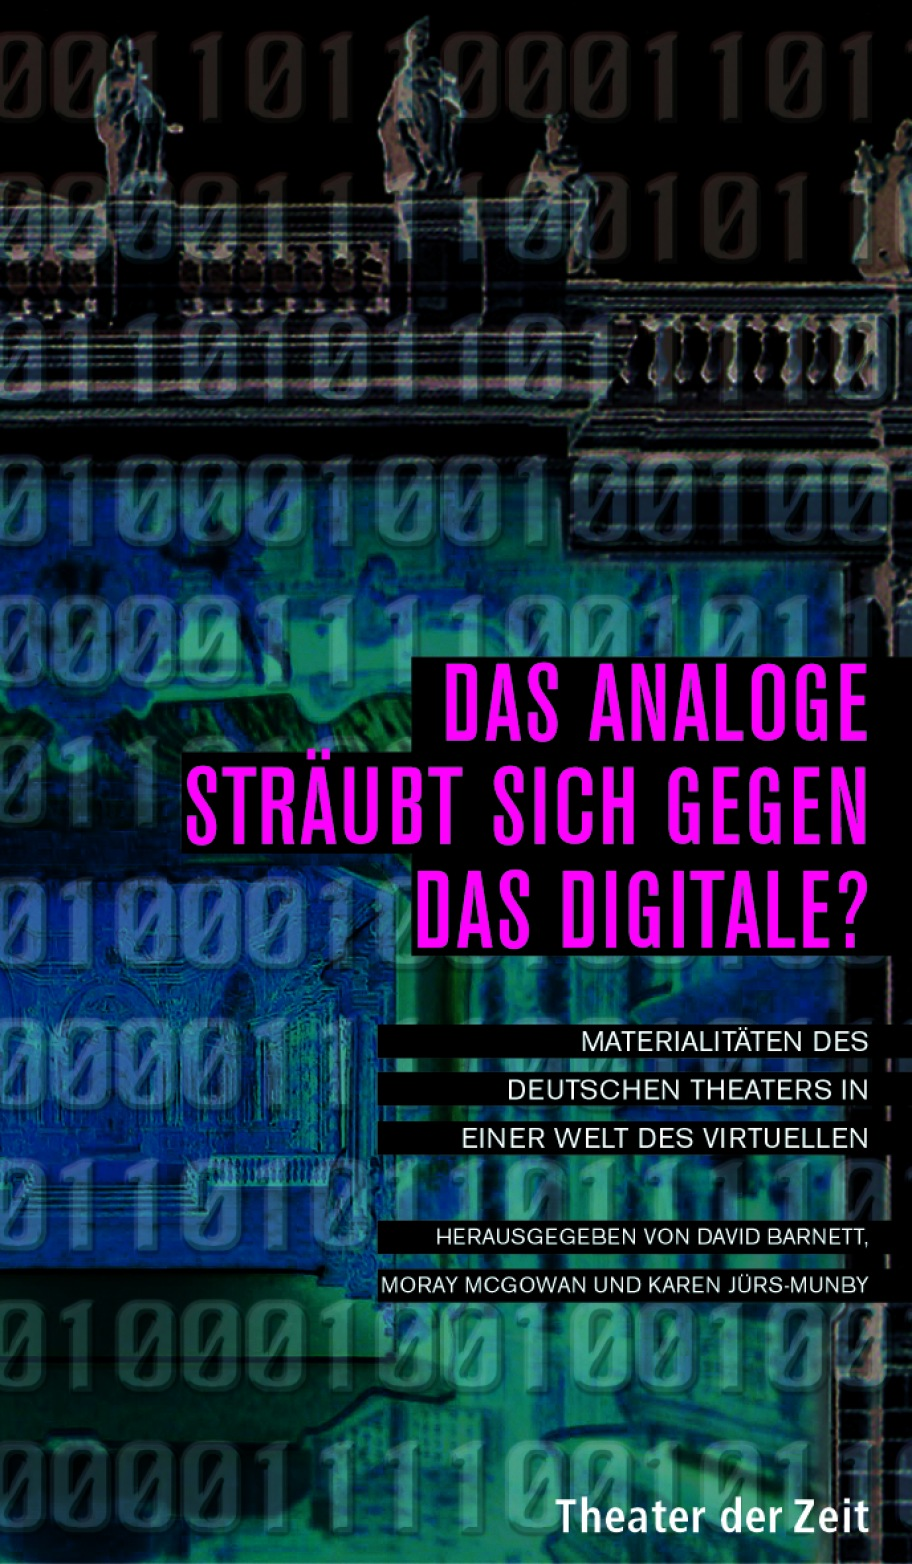 Das Analoge sträubt sich gegen das Digitale?